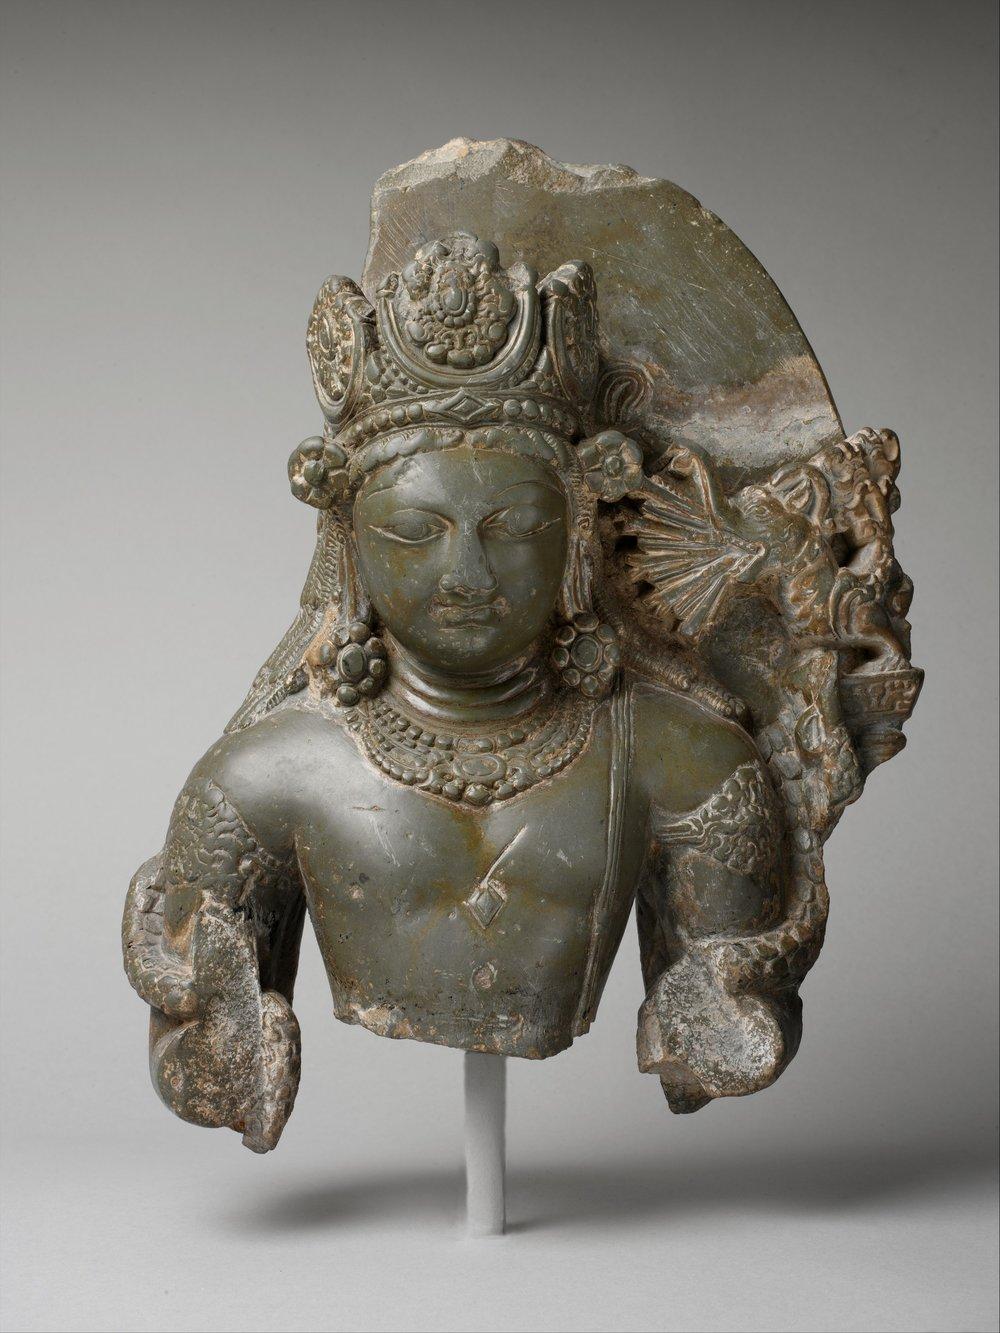 Himalayan Art from Museums  -